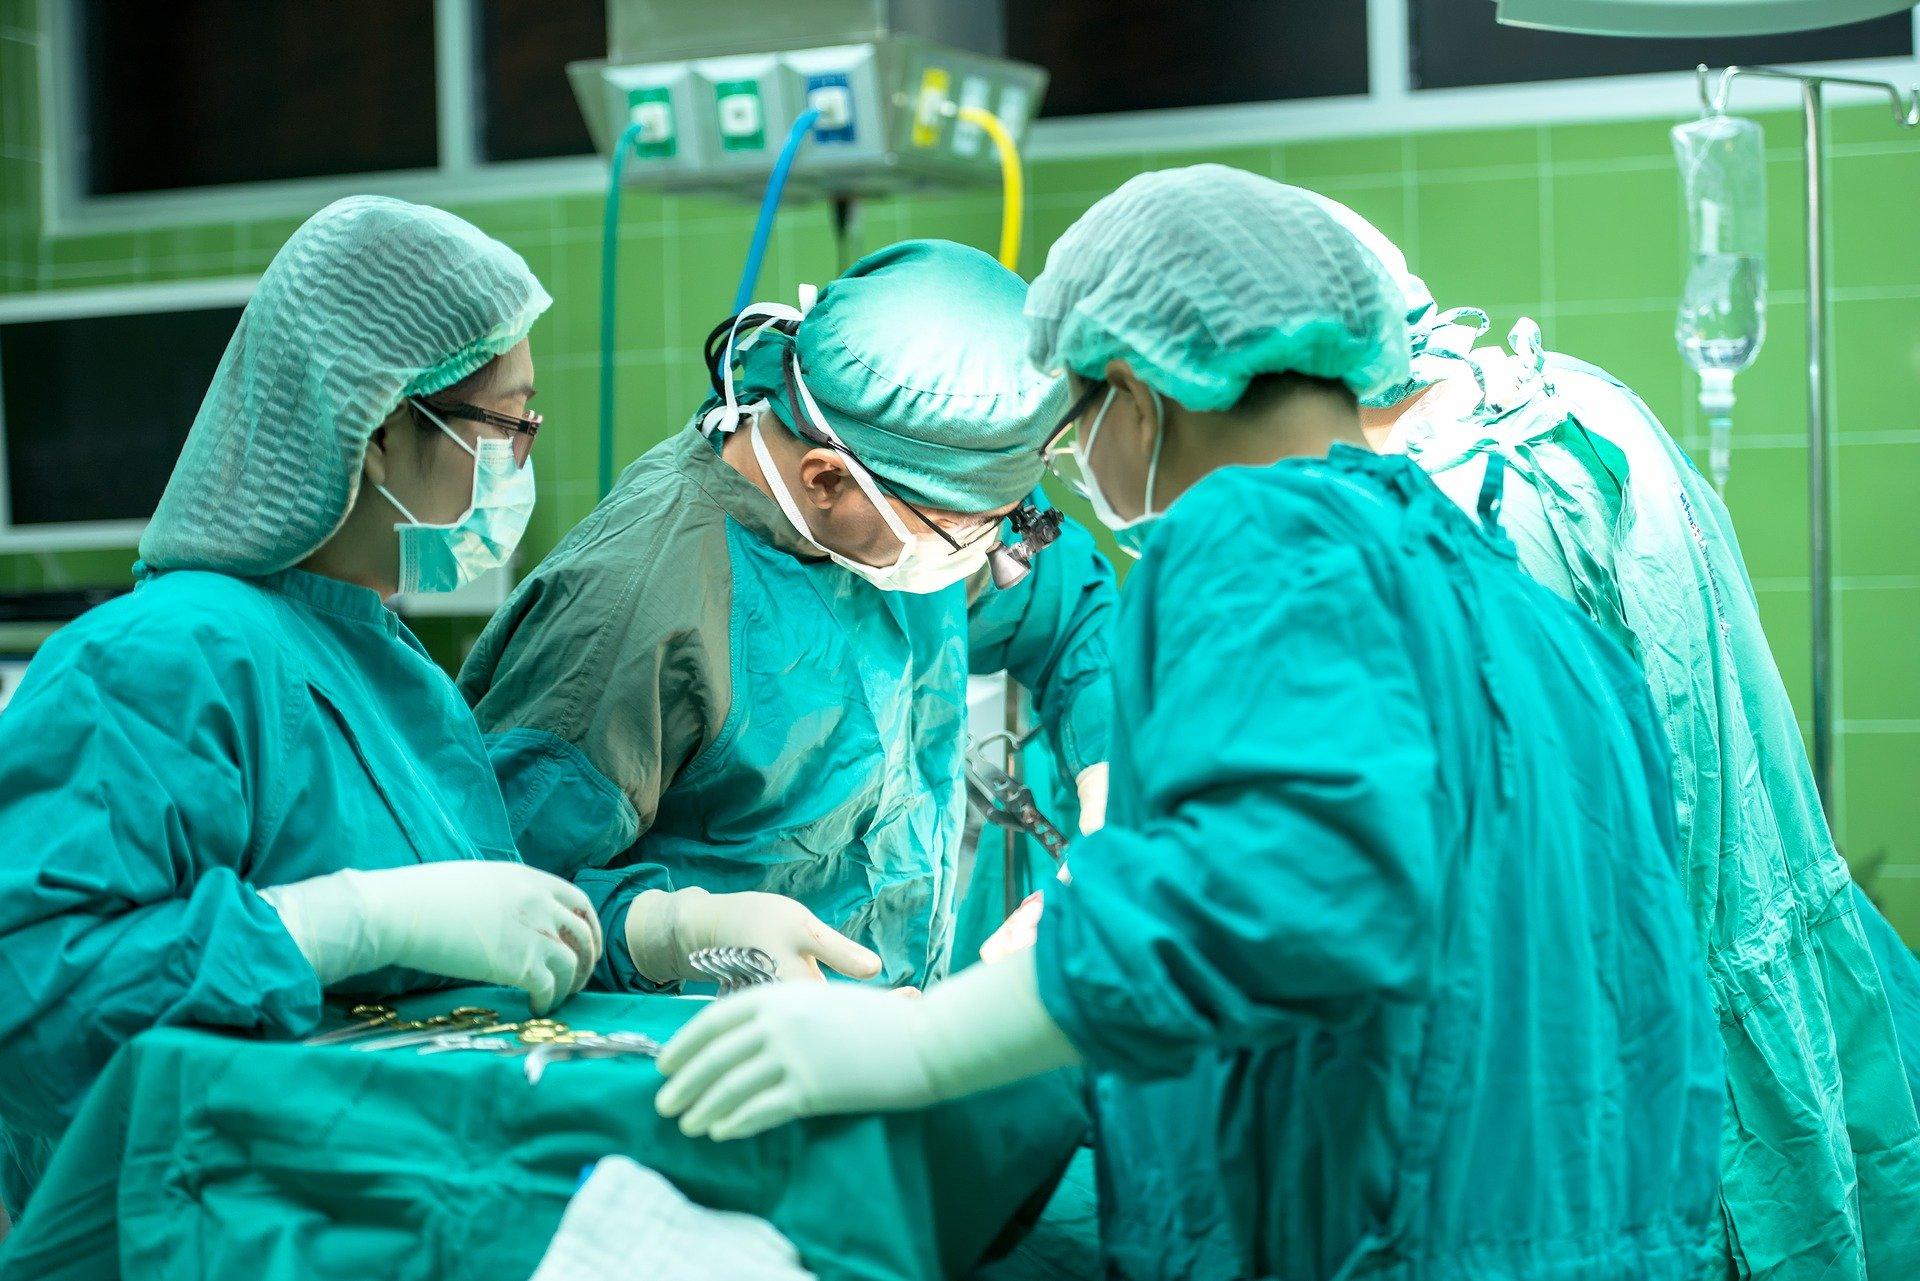 Płuca do przeszczepu dzięki innowacyjnemu urządzeniu mogą być utrzymane przez pół doby w warunkach fizjologicznych